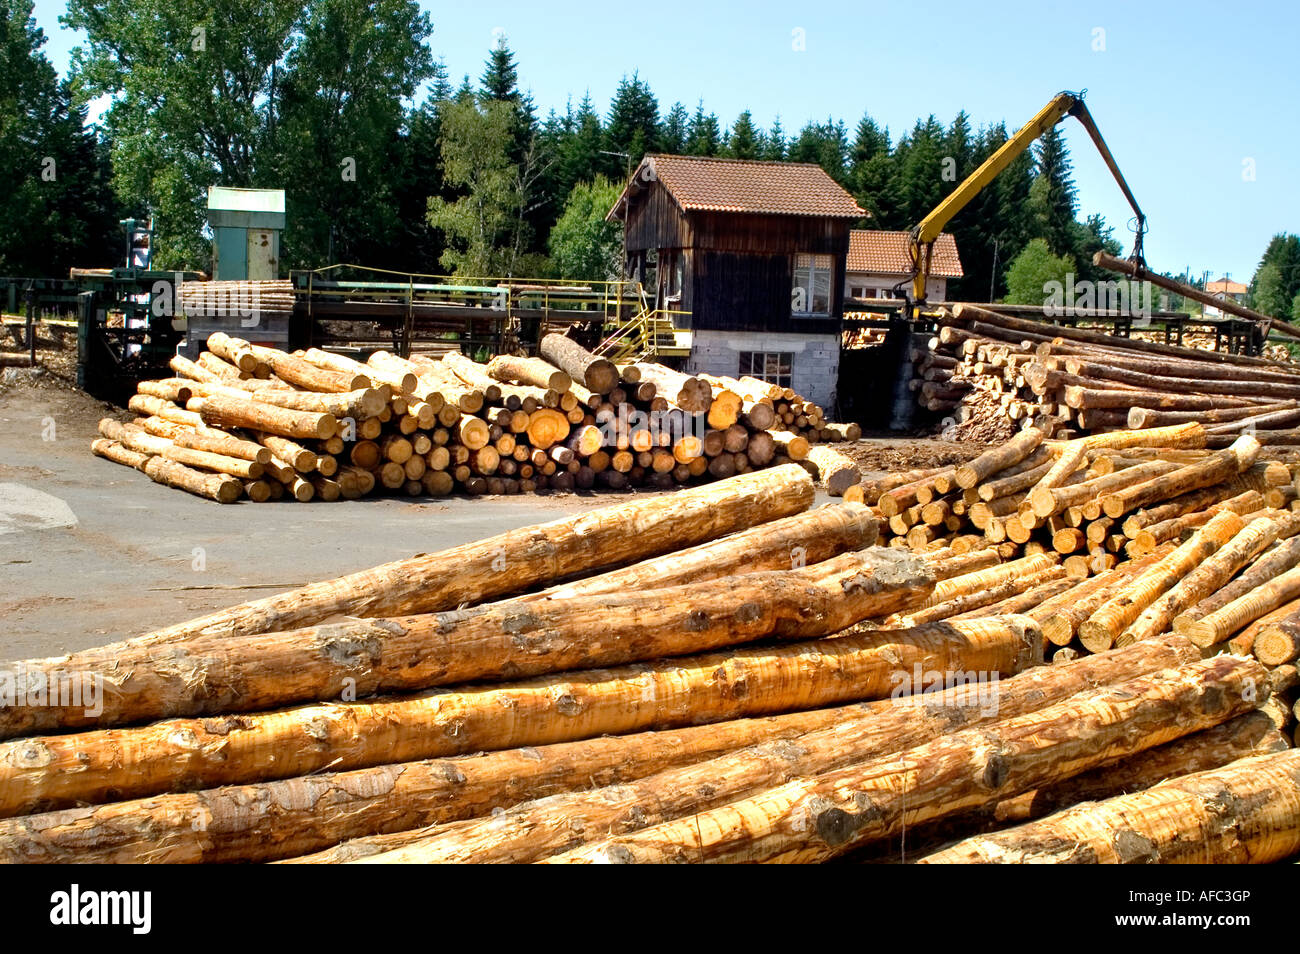 Saw mill Timber Wood wood-sawyer lumber lumberjack wood log